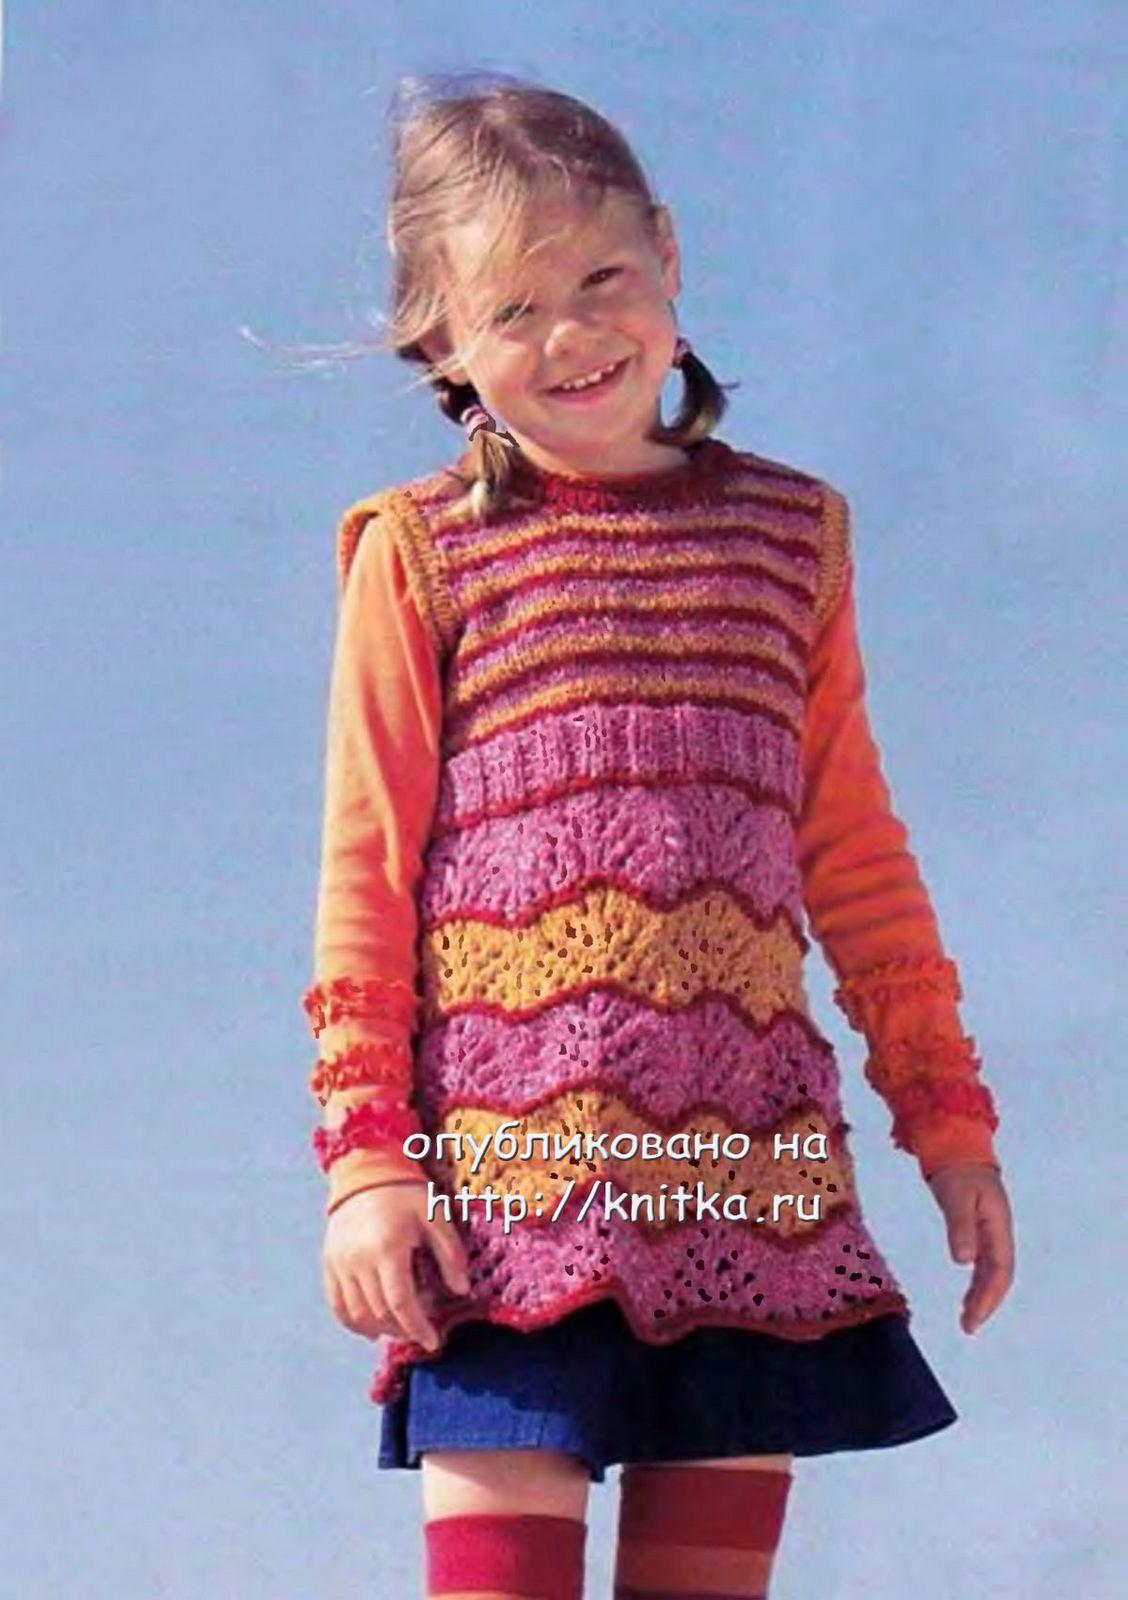 Разноцветное lt b gt платье lt b gt для девочки